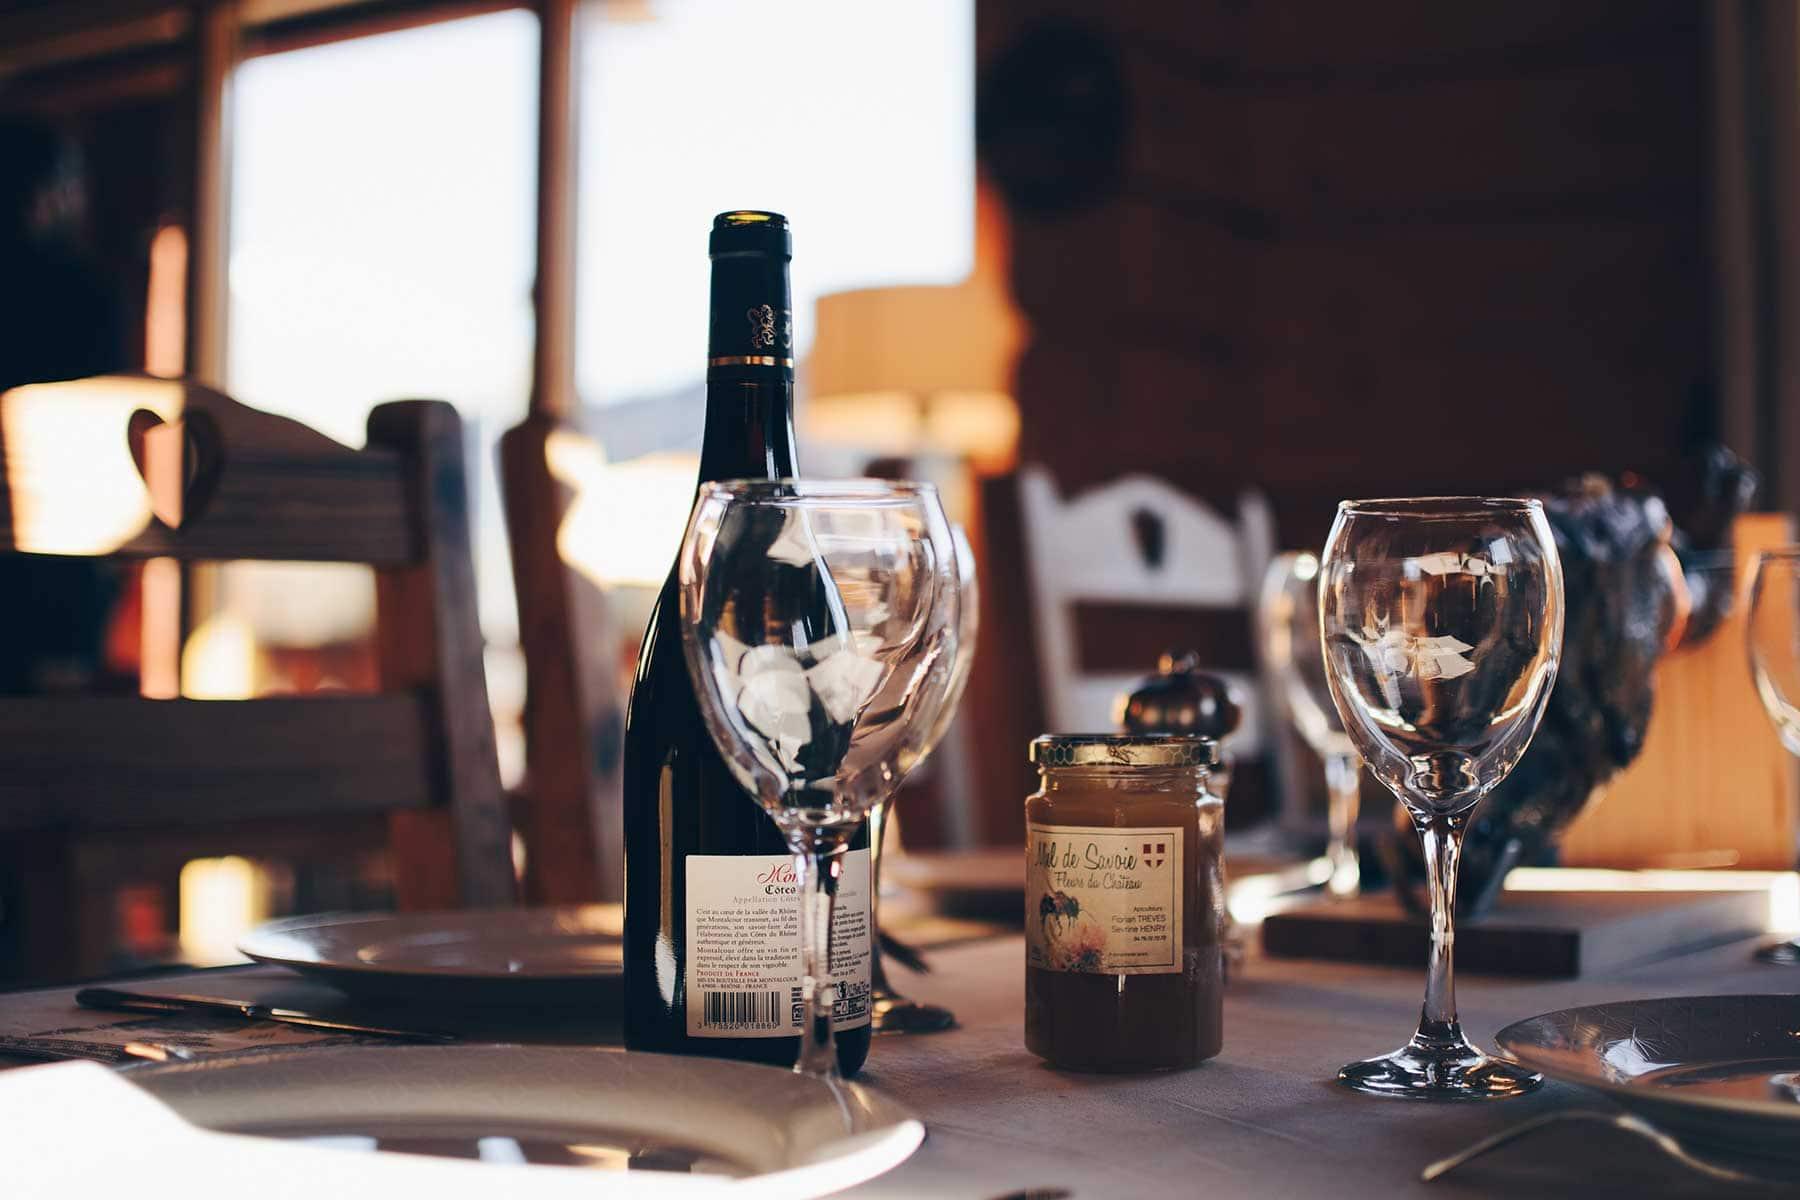 rundresa-champagne-ardenne-Nygren-Lind-Resebyrå-vin